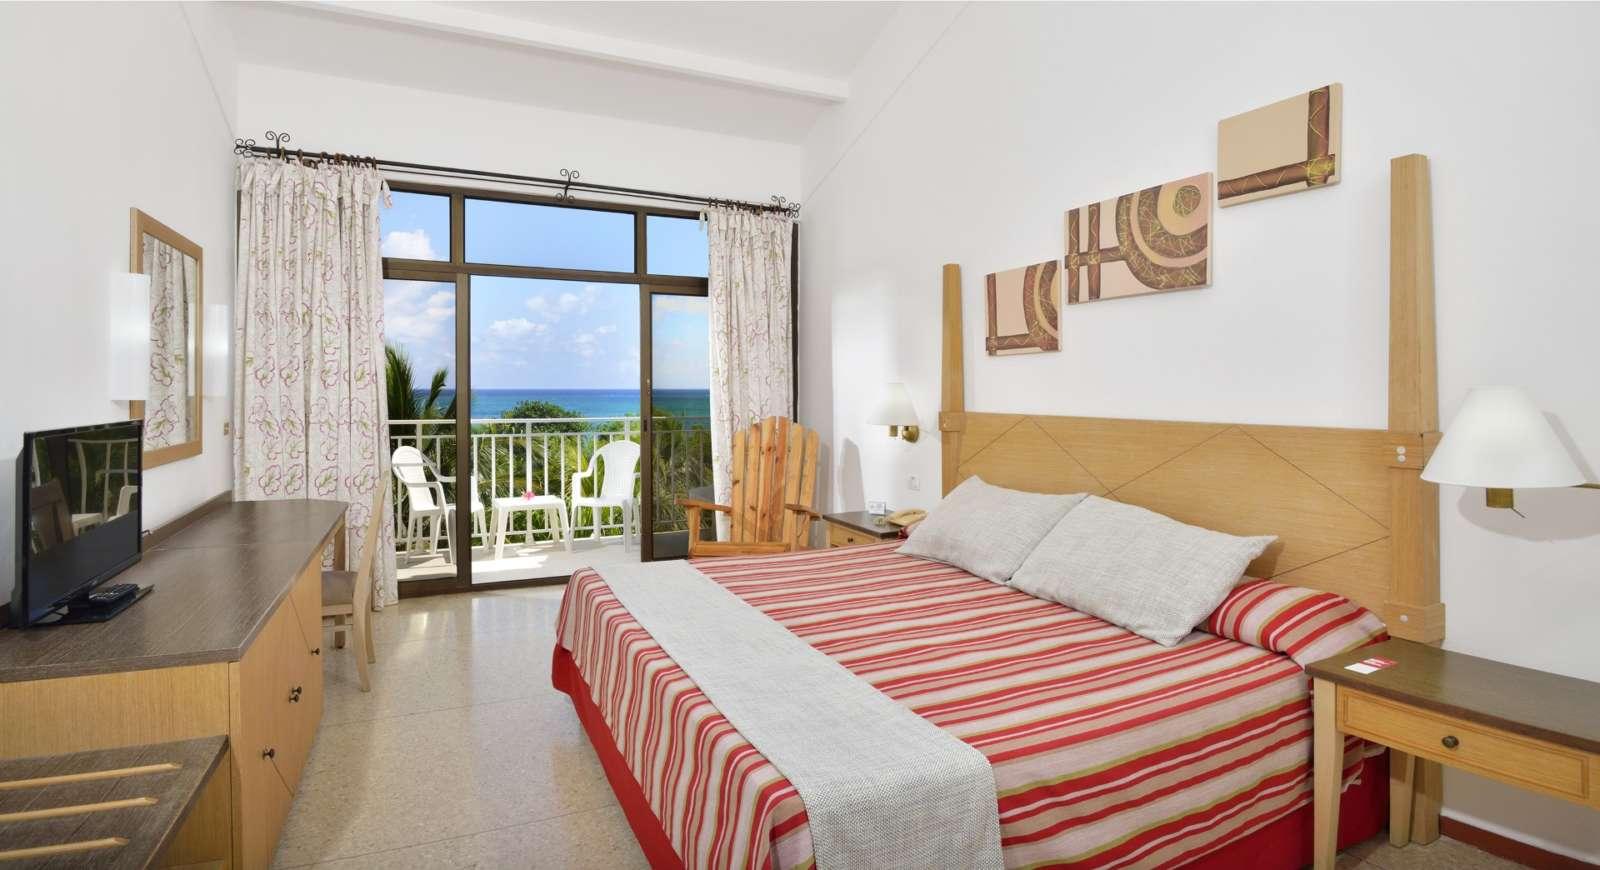 Seaview room at Sol Rio De Luna Y Mares